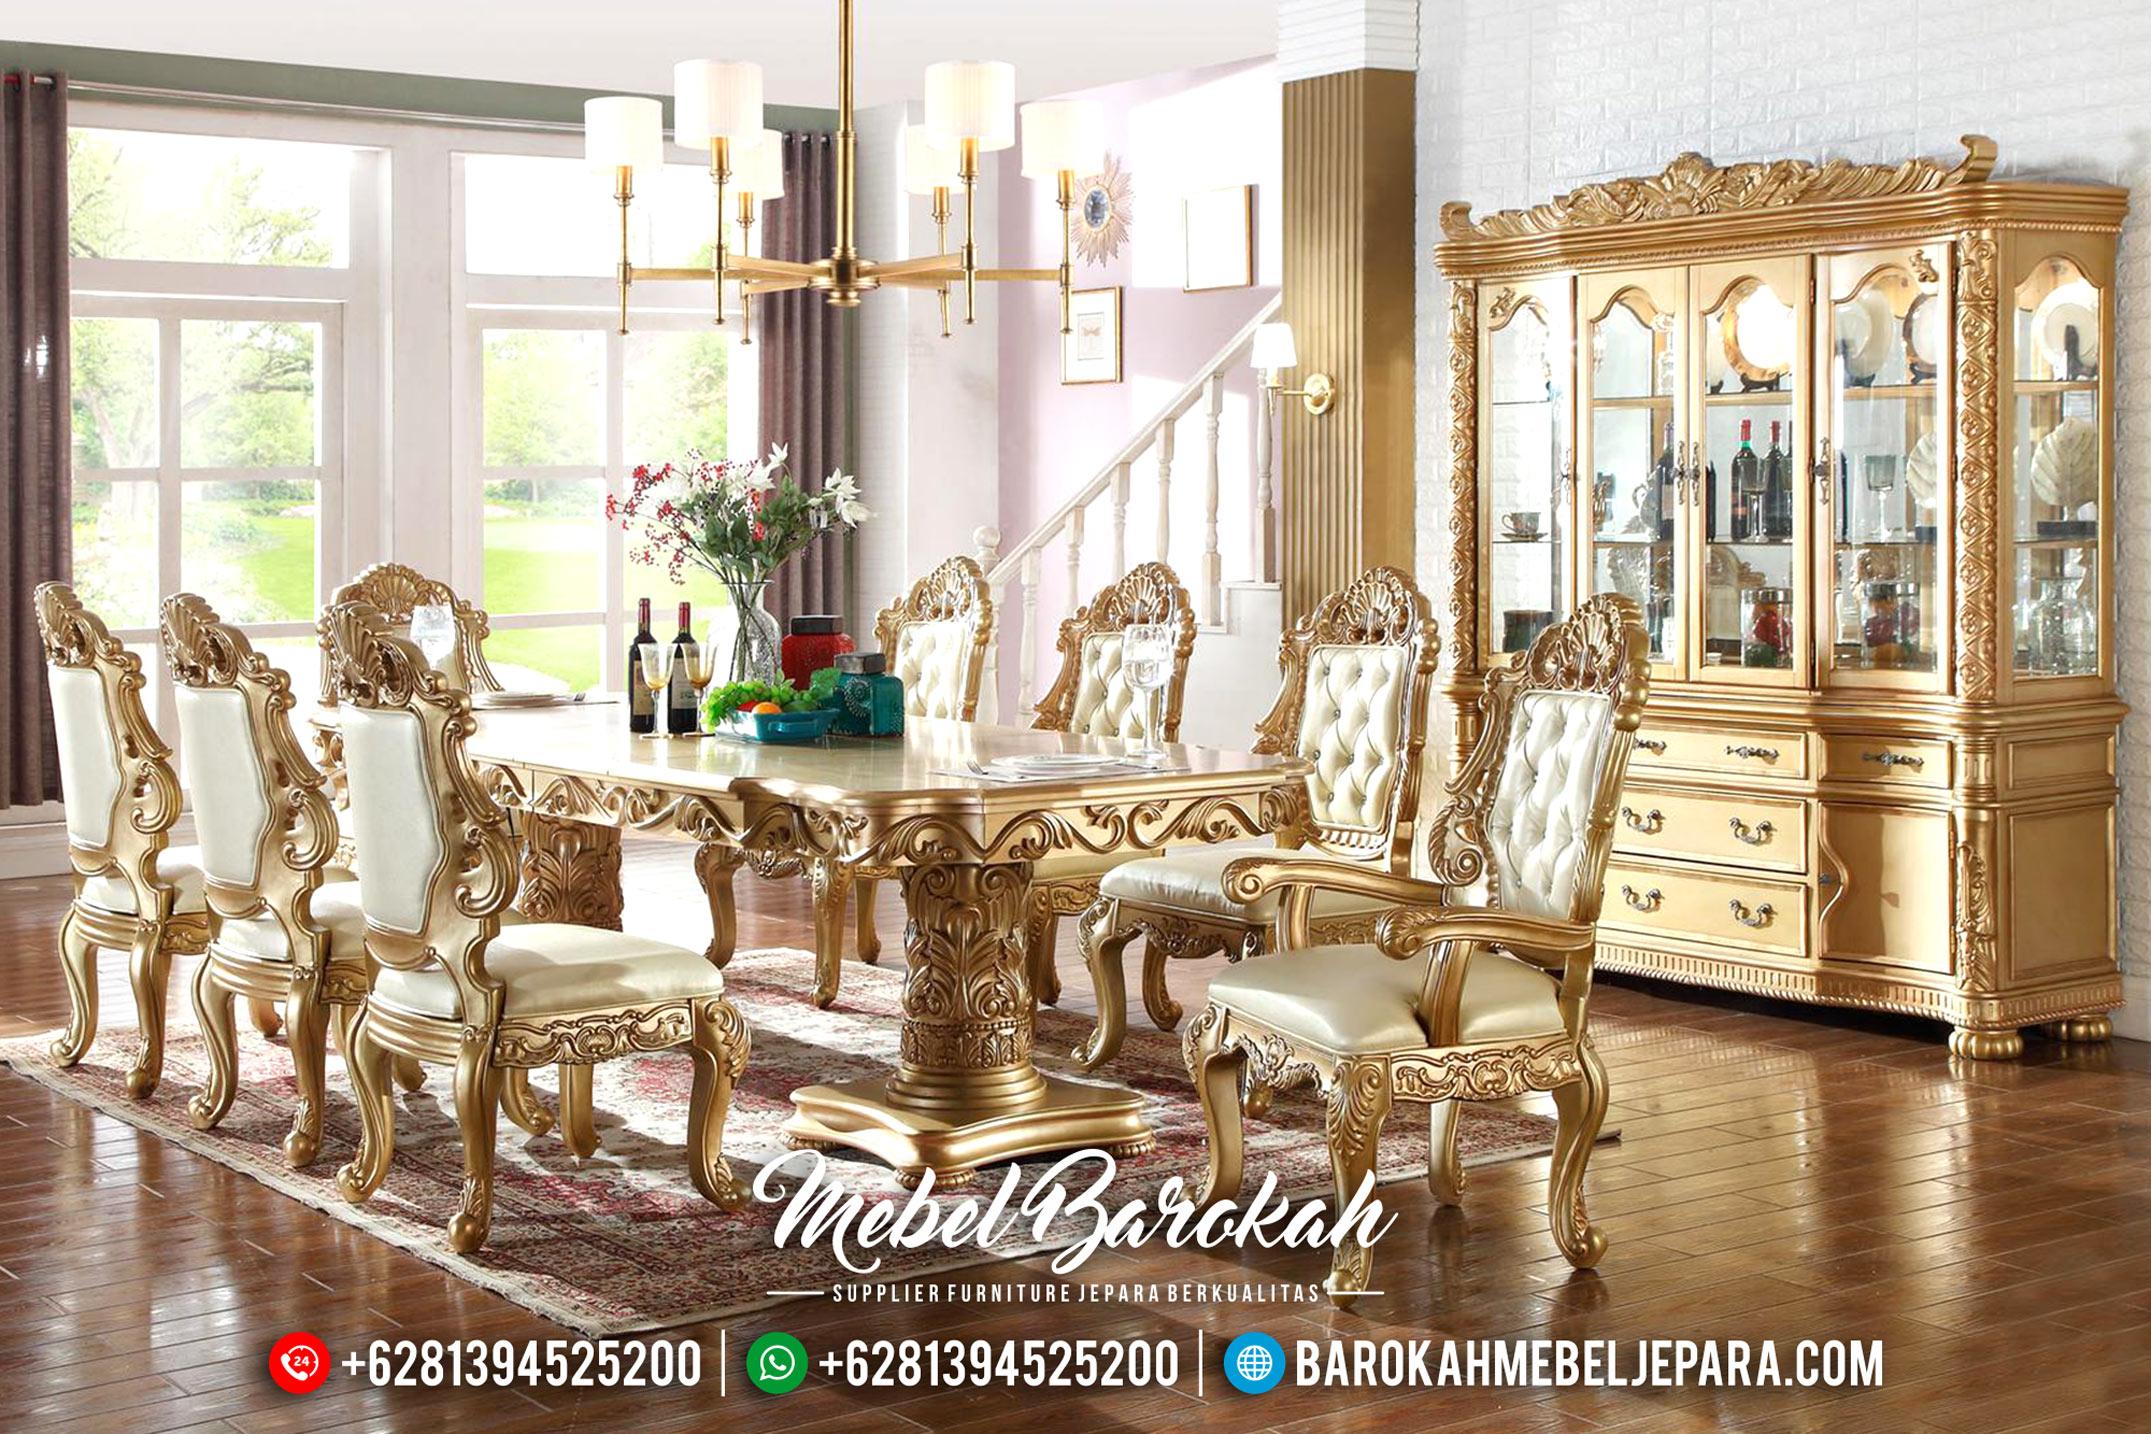 Superior Meja Makan Mewah Golden Shine Ukiran Klasik Jepara MB-0406